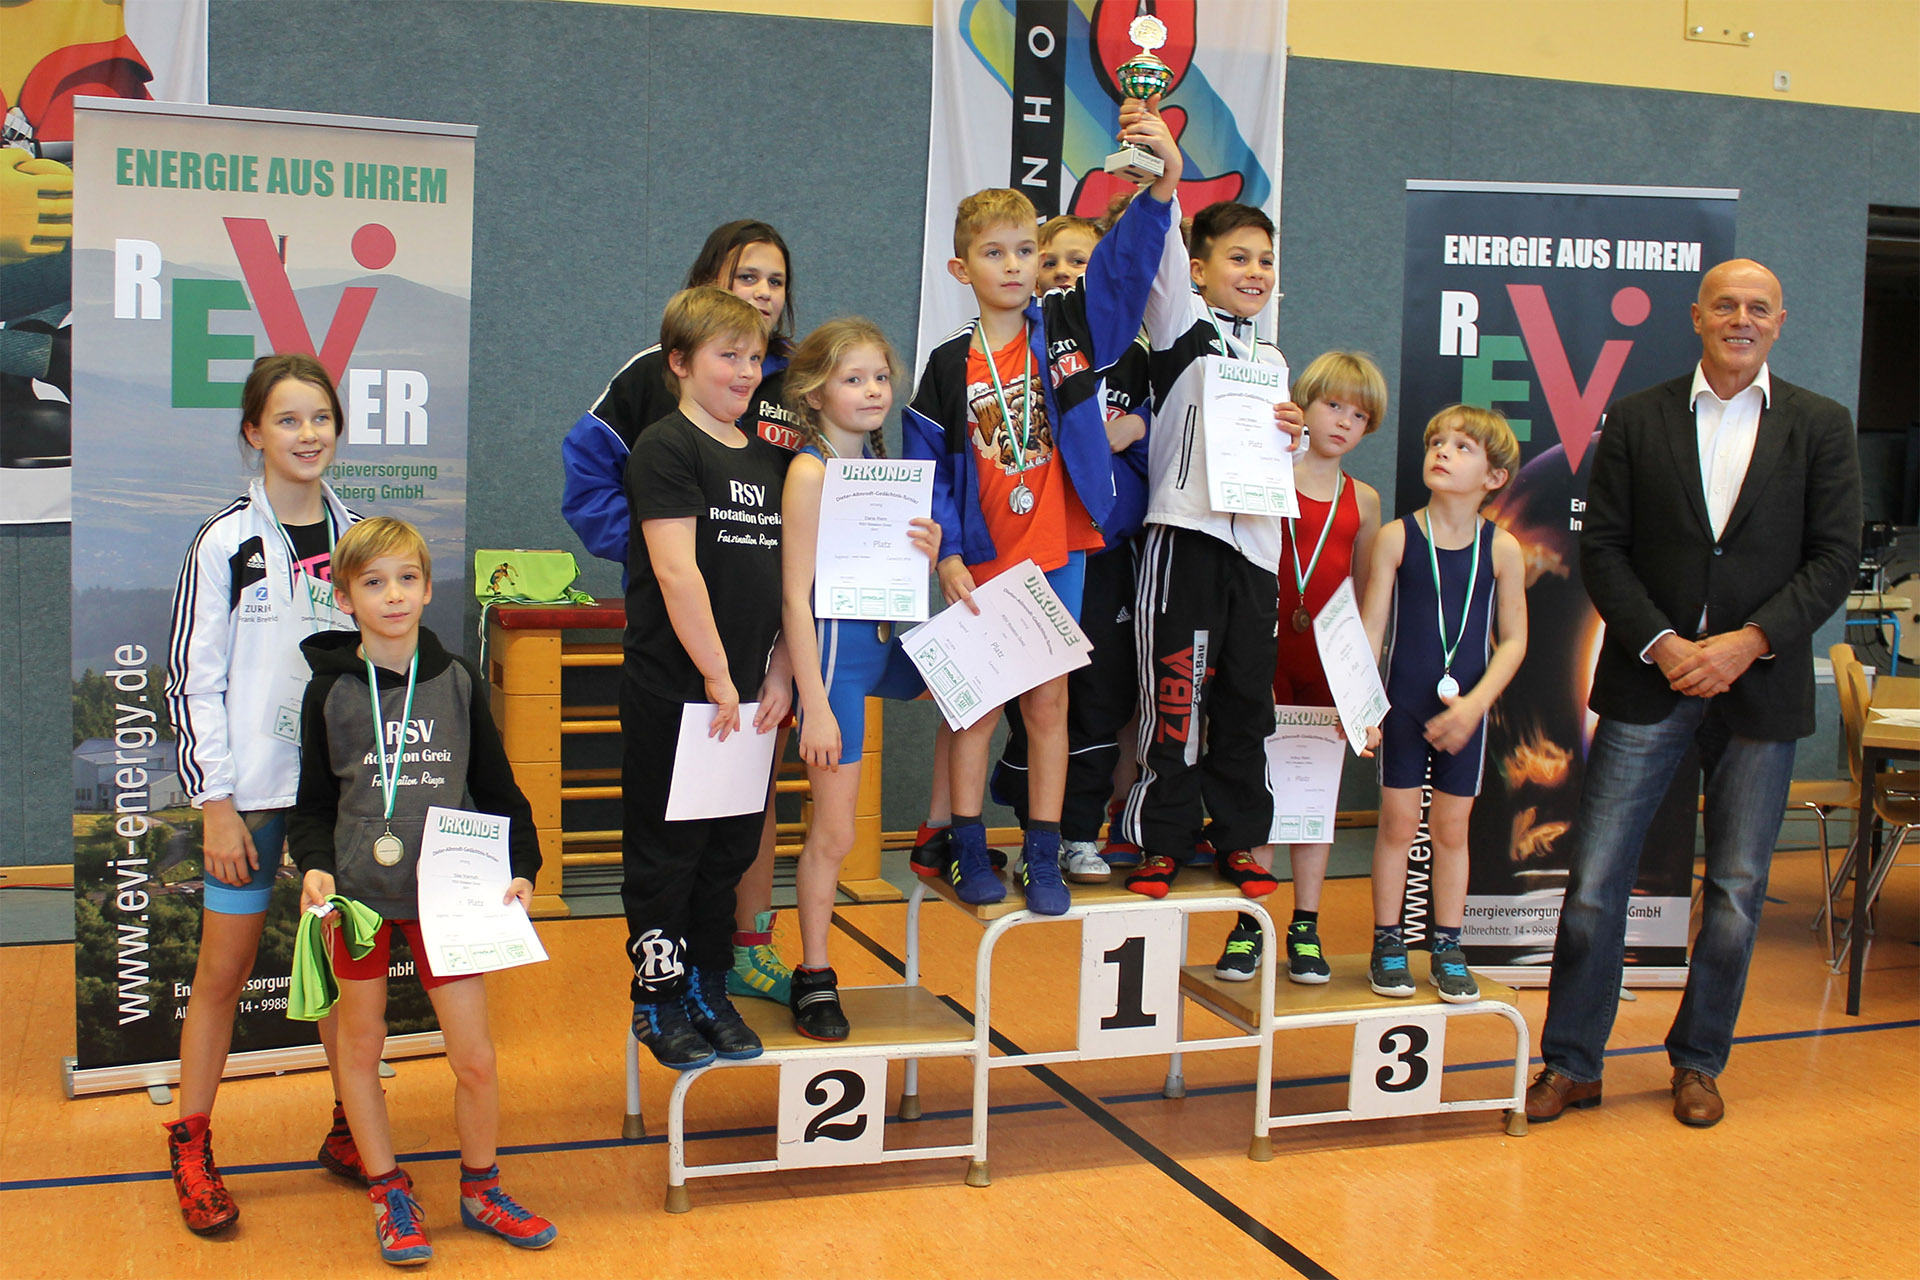 RSV Rotation Greiz: Greizer Nachwuchsringer gewinnen Turnier in Waltershausen